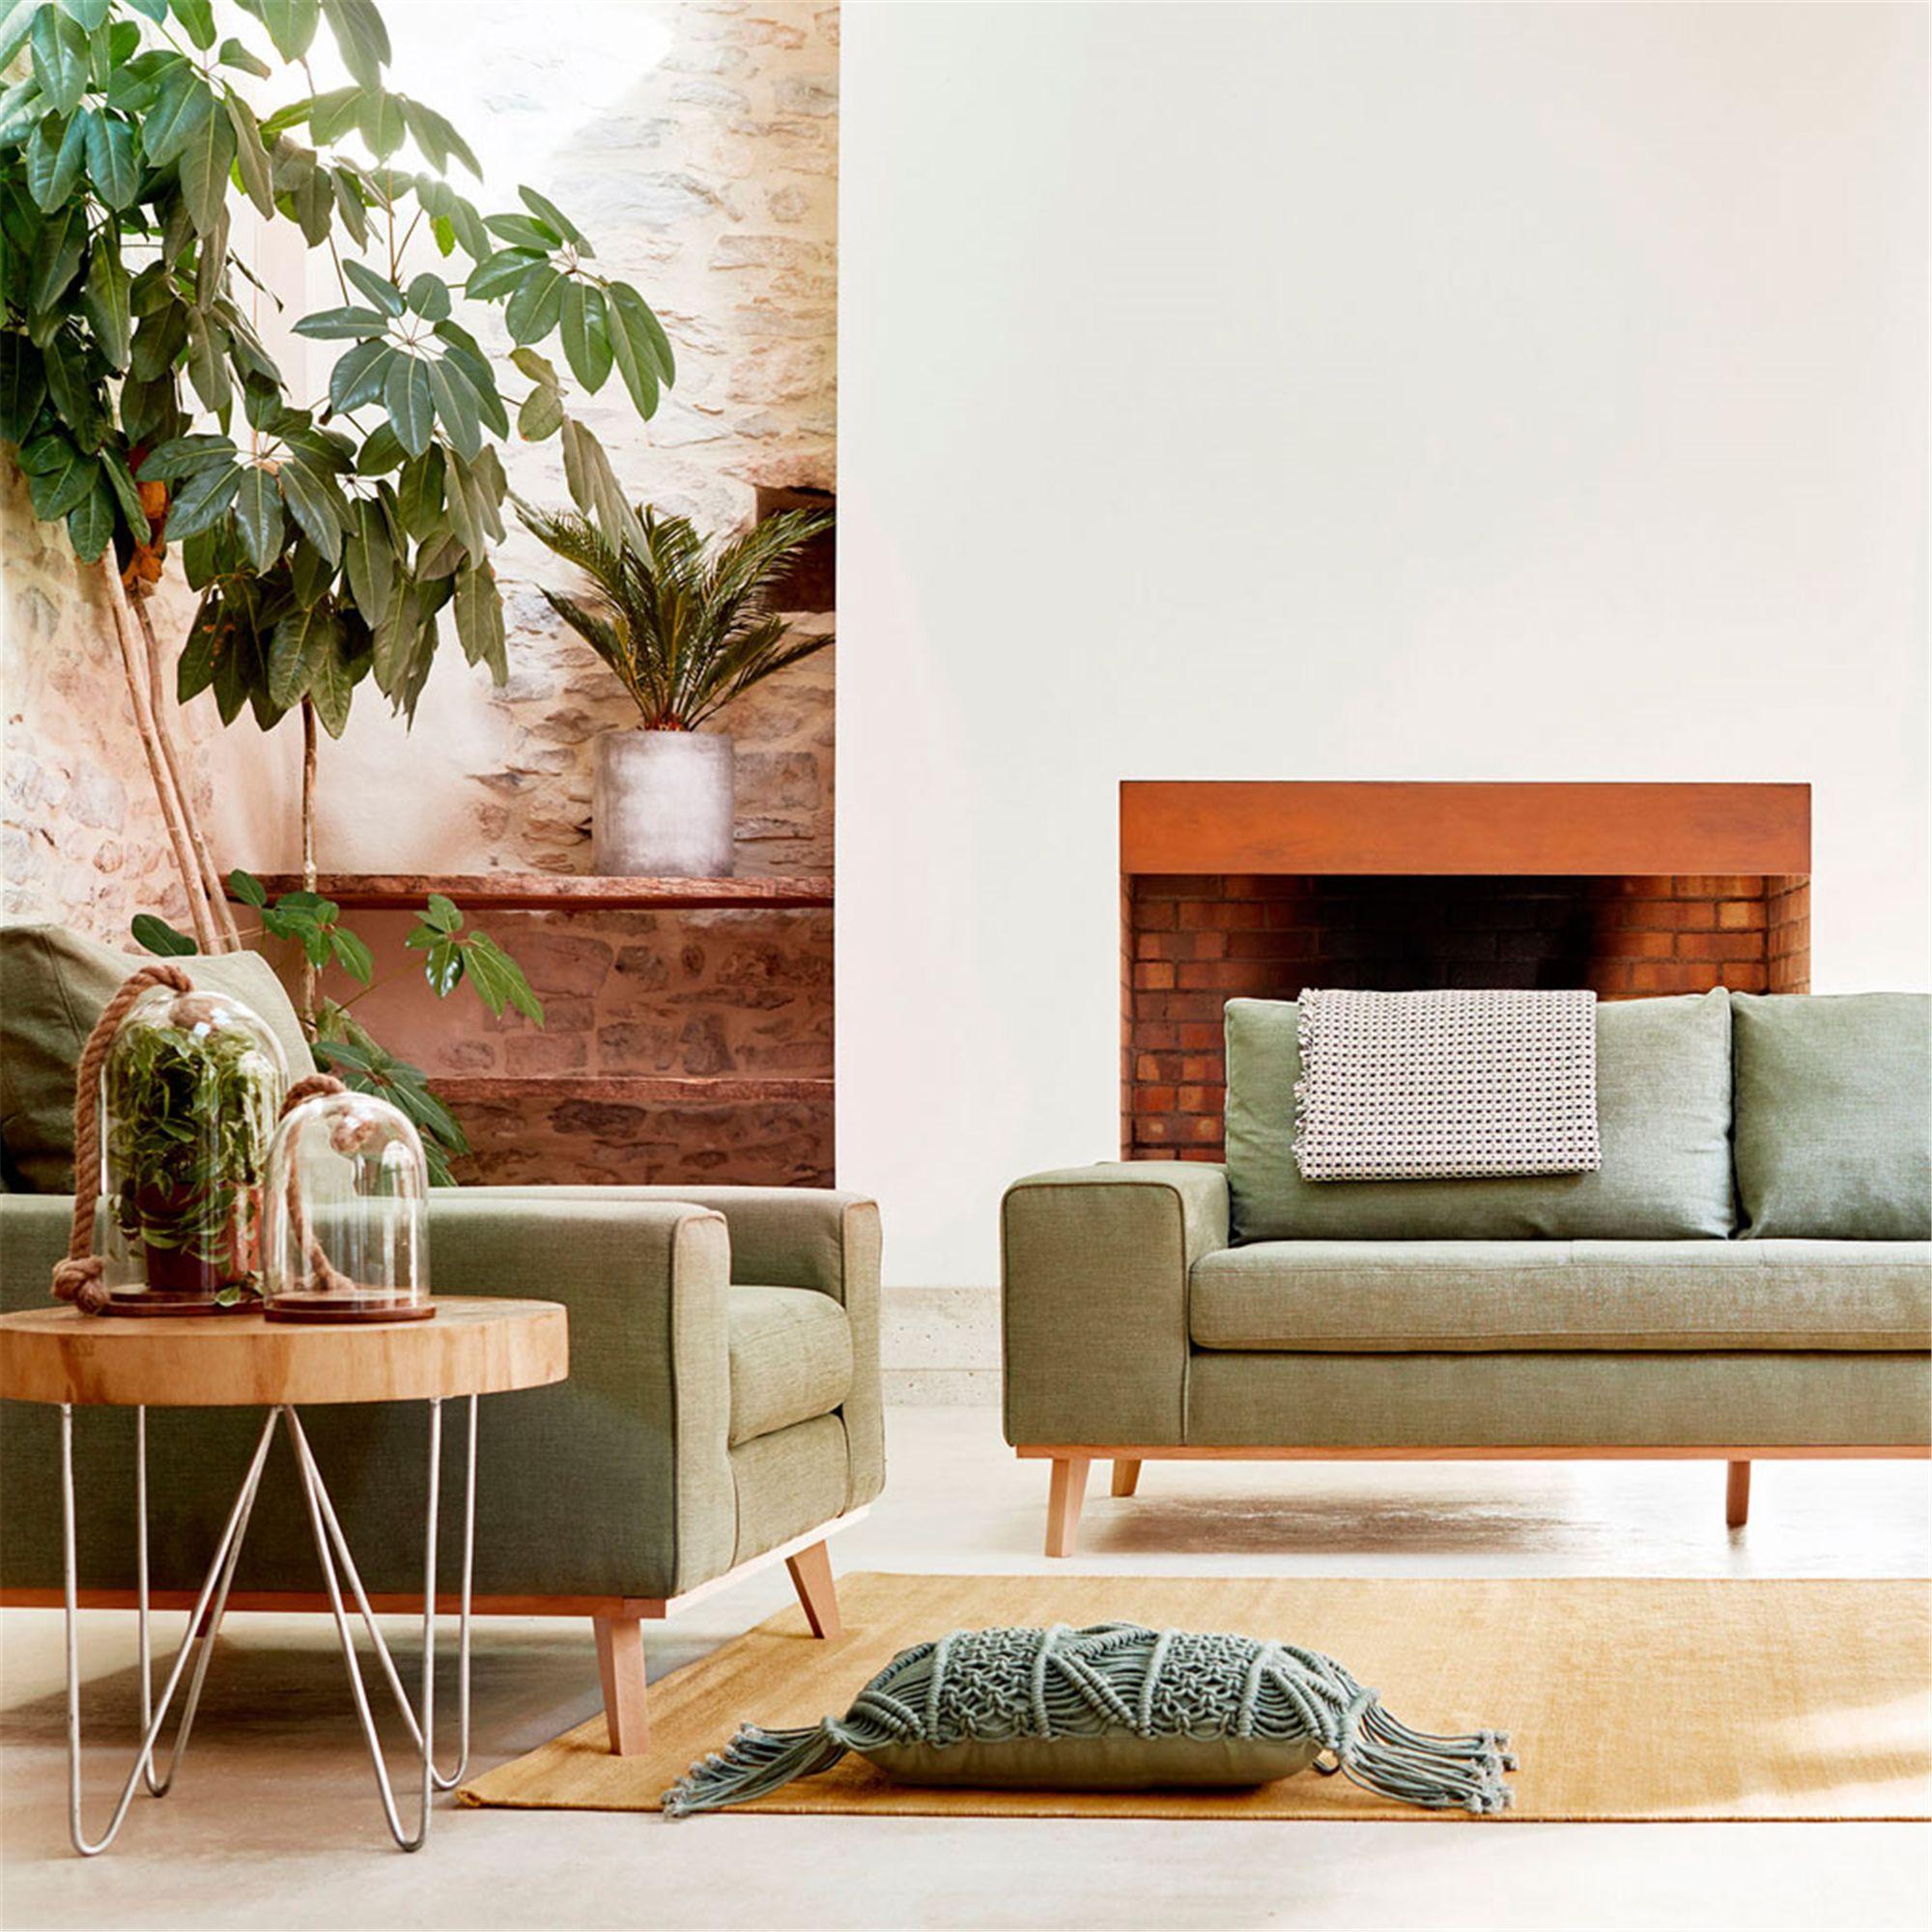 alinea : polowa bout de canapé en rondin de bois h20cm - #alinea